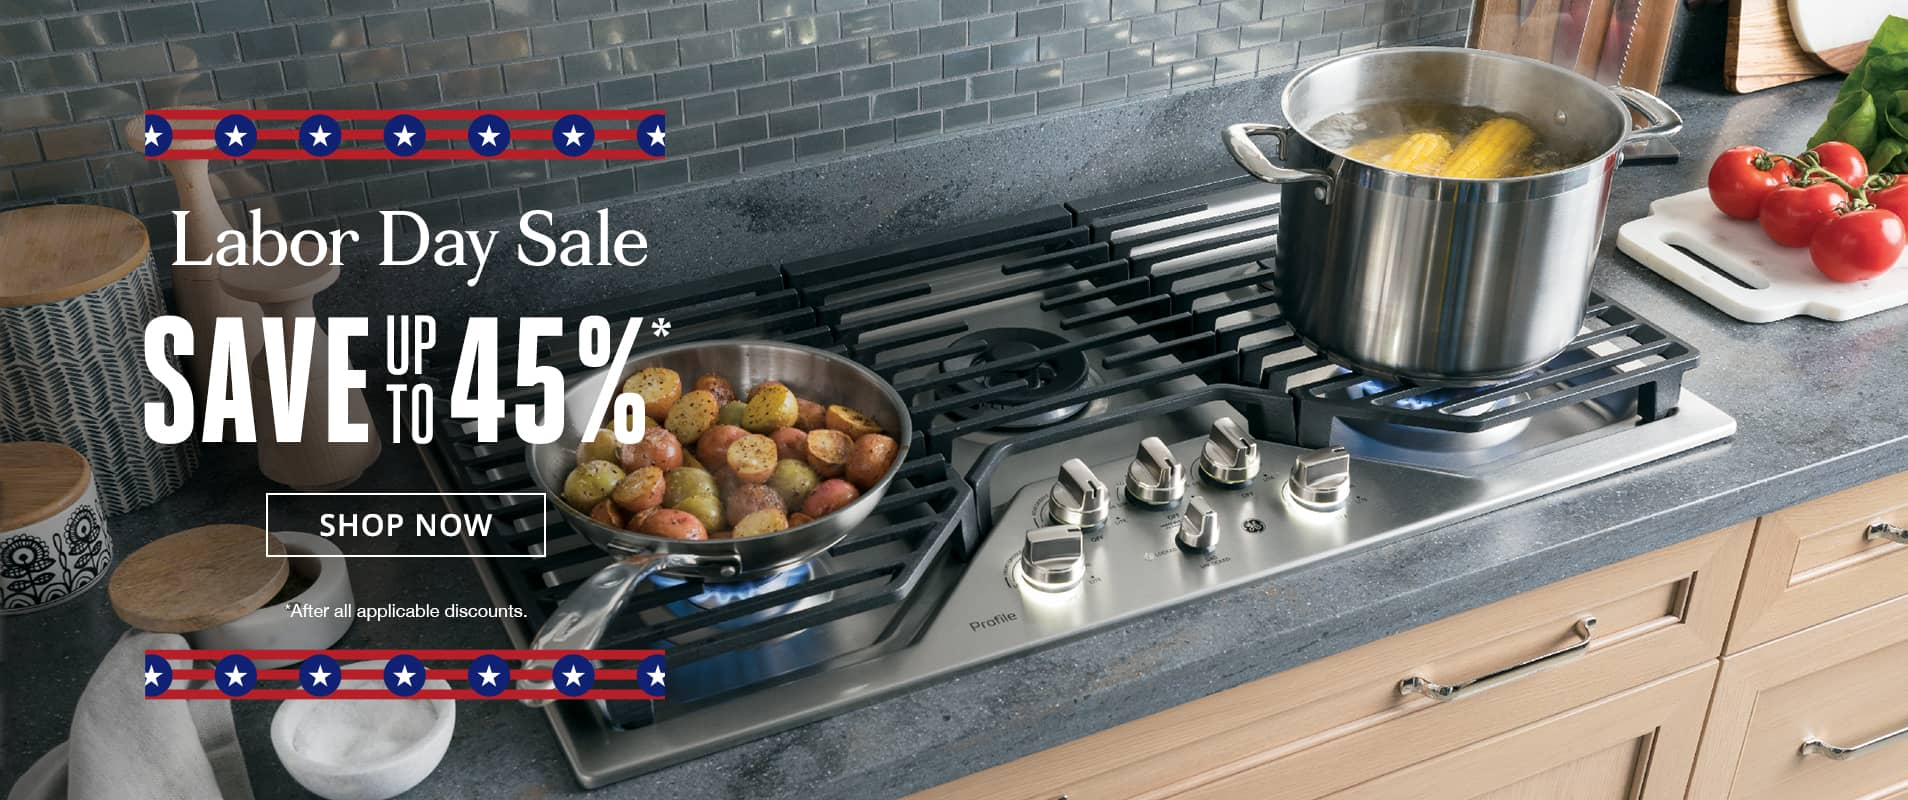 Appliances: Kitchen & Home Appliances   Buy Online